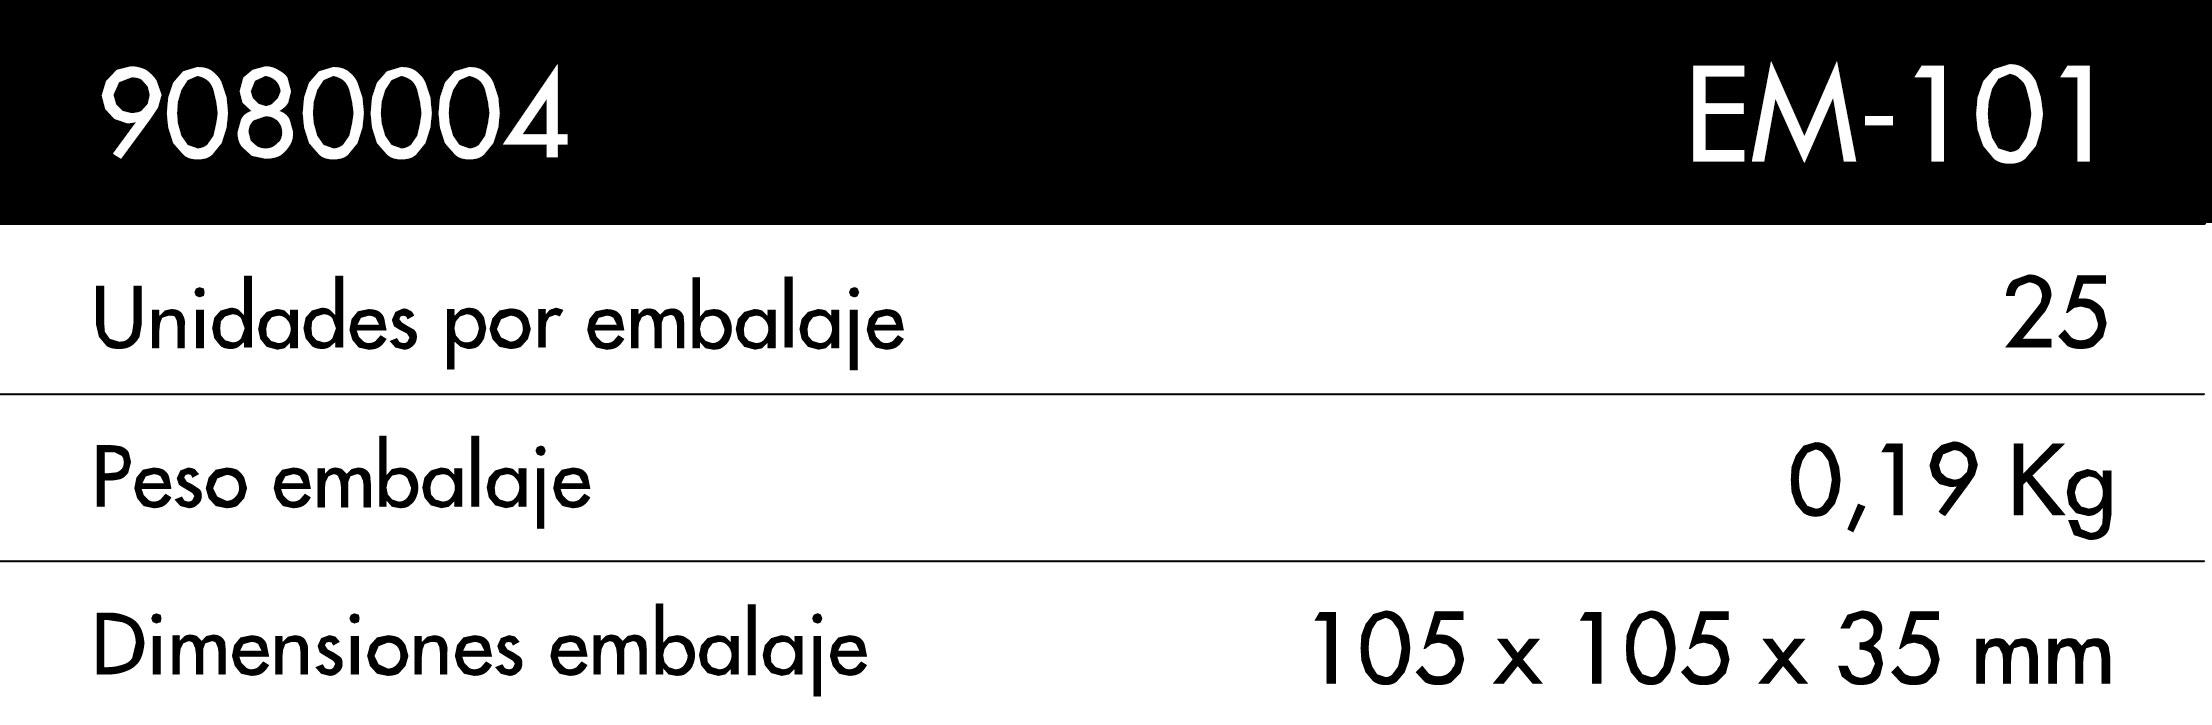 9080004-tablaES.jpg